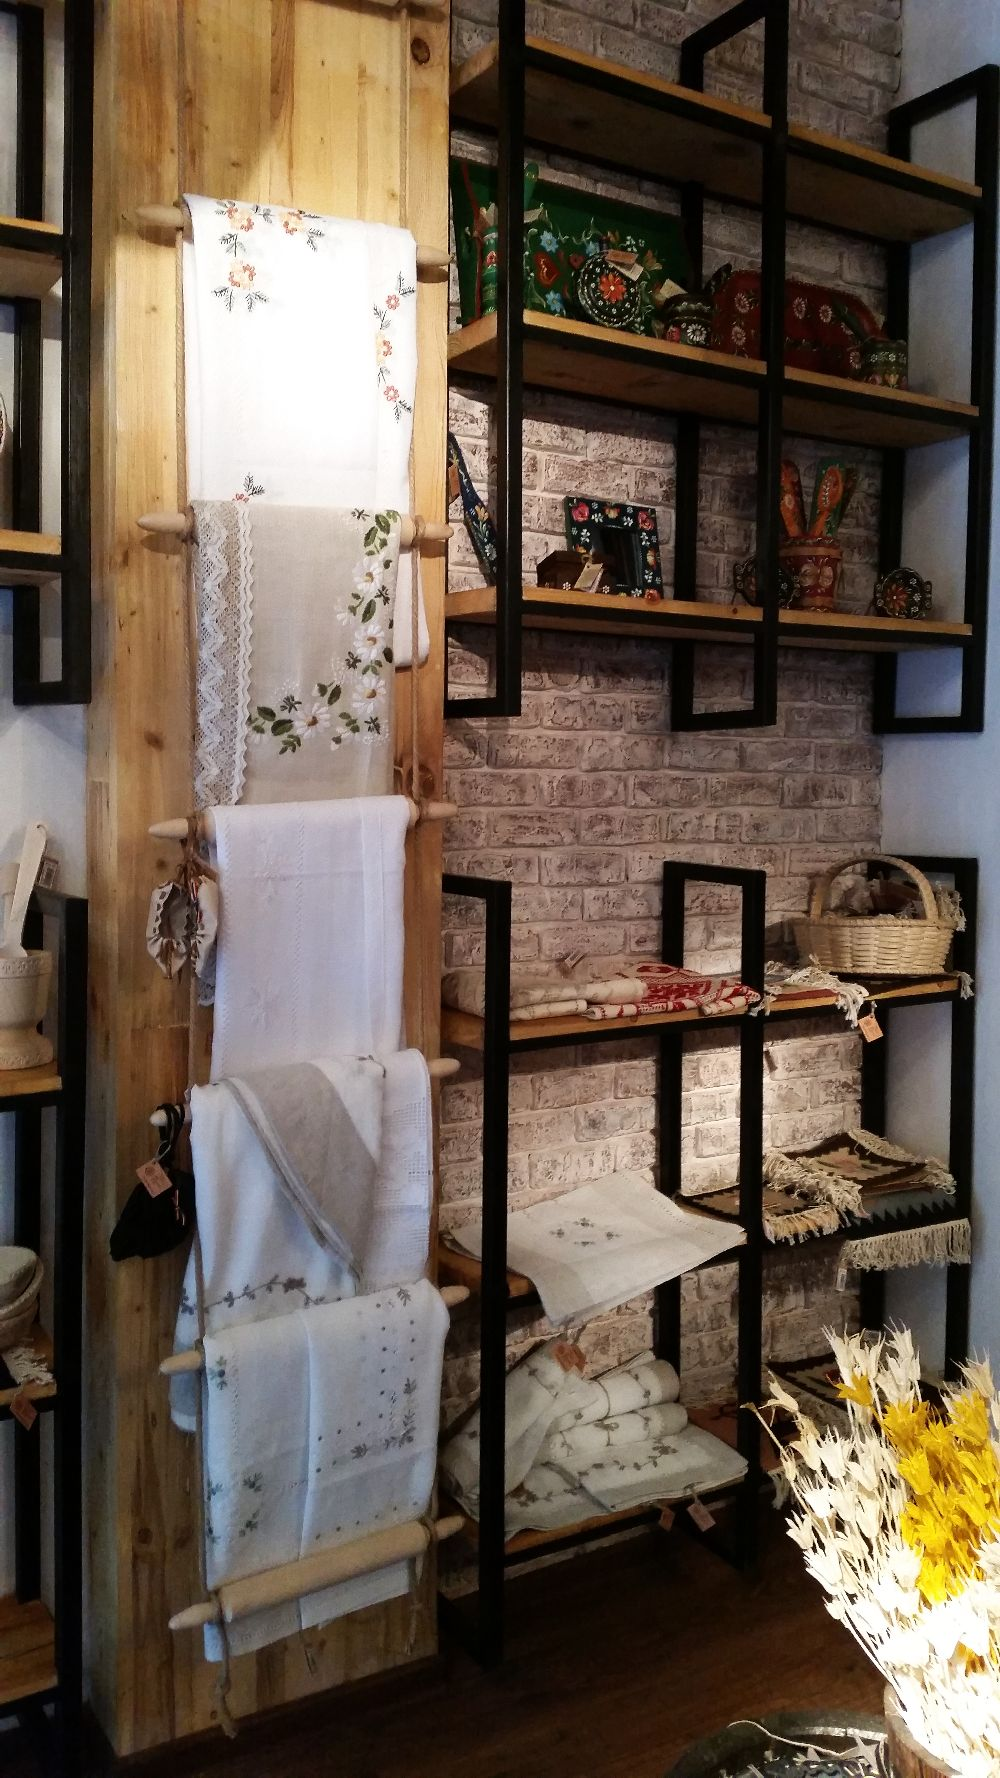 adelaparvu.com despremagazin cu obiecte traditionale, My Romanian Store Bucharest (23)